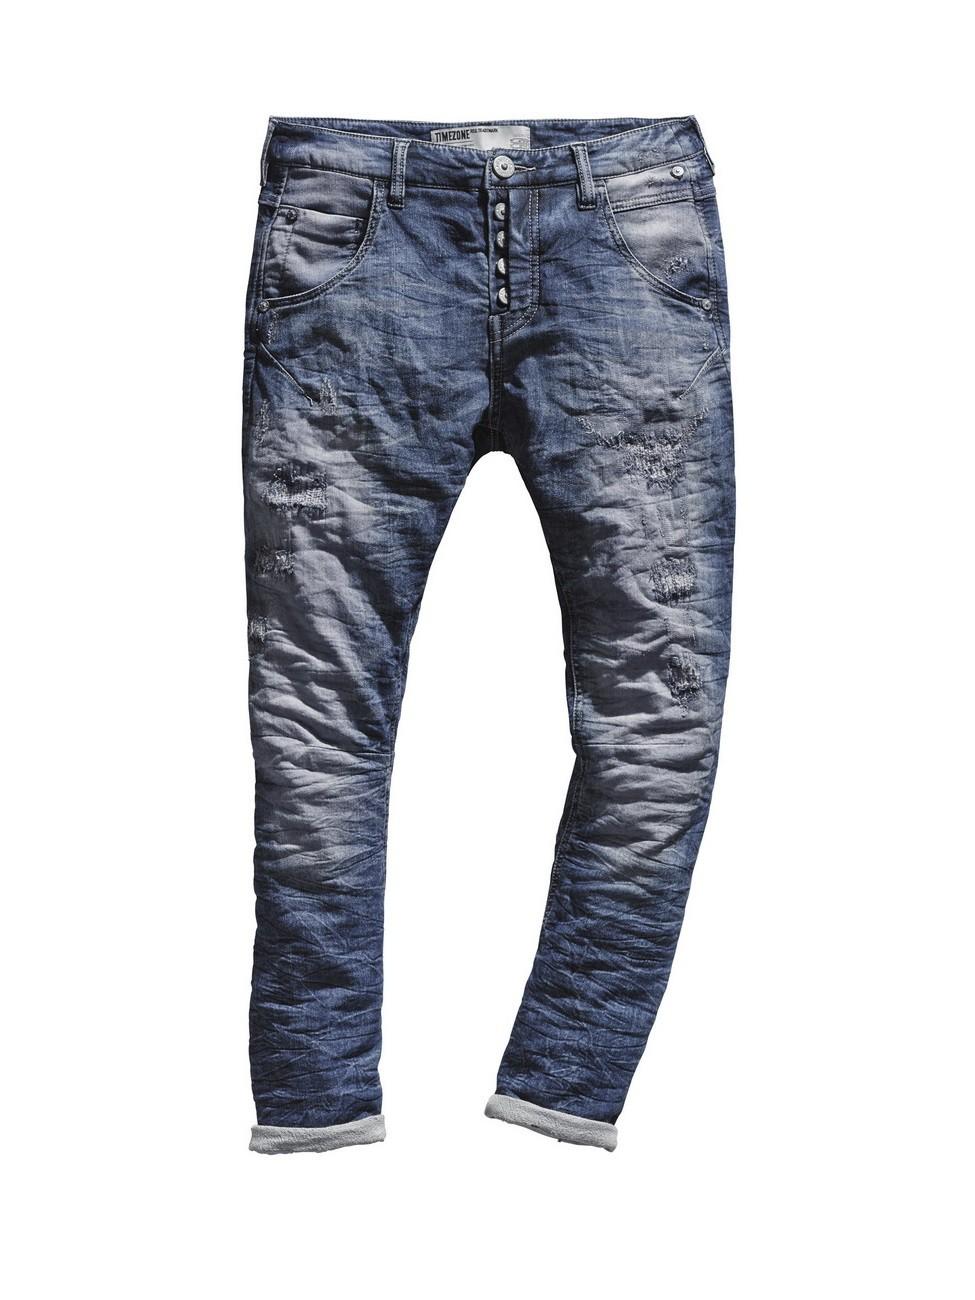 timezone damen jeans rivatz slim fit industry wash kaufen jeans direct de. Black Bedroom Furniture Sets. Home Design Ideas